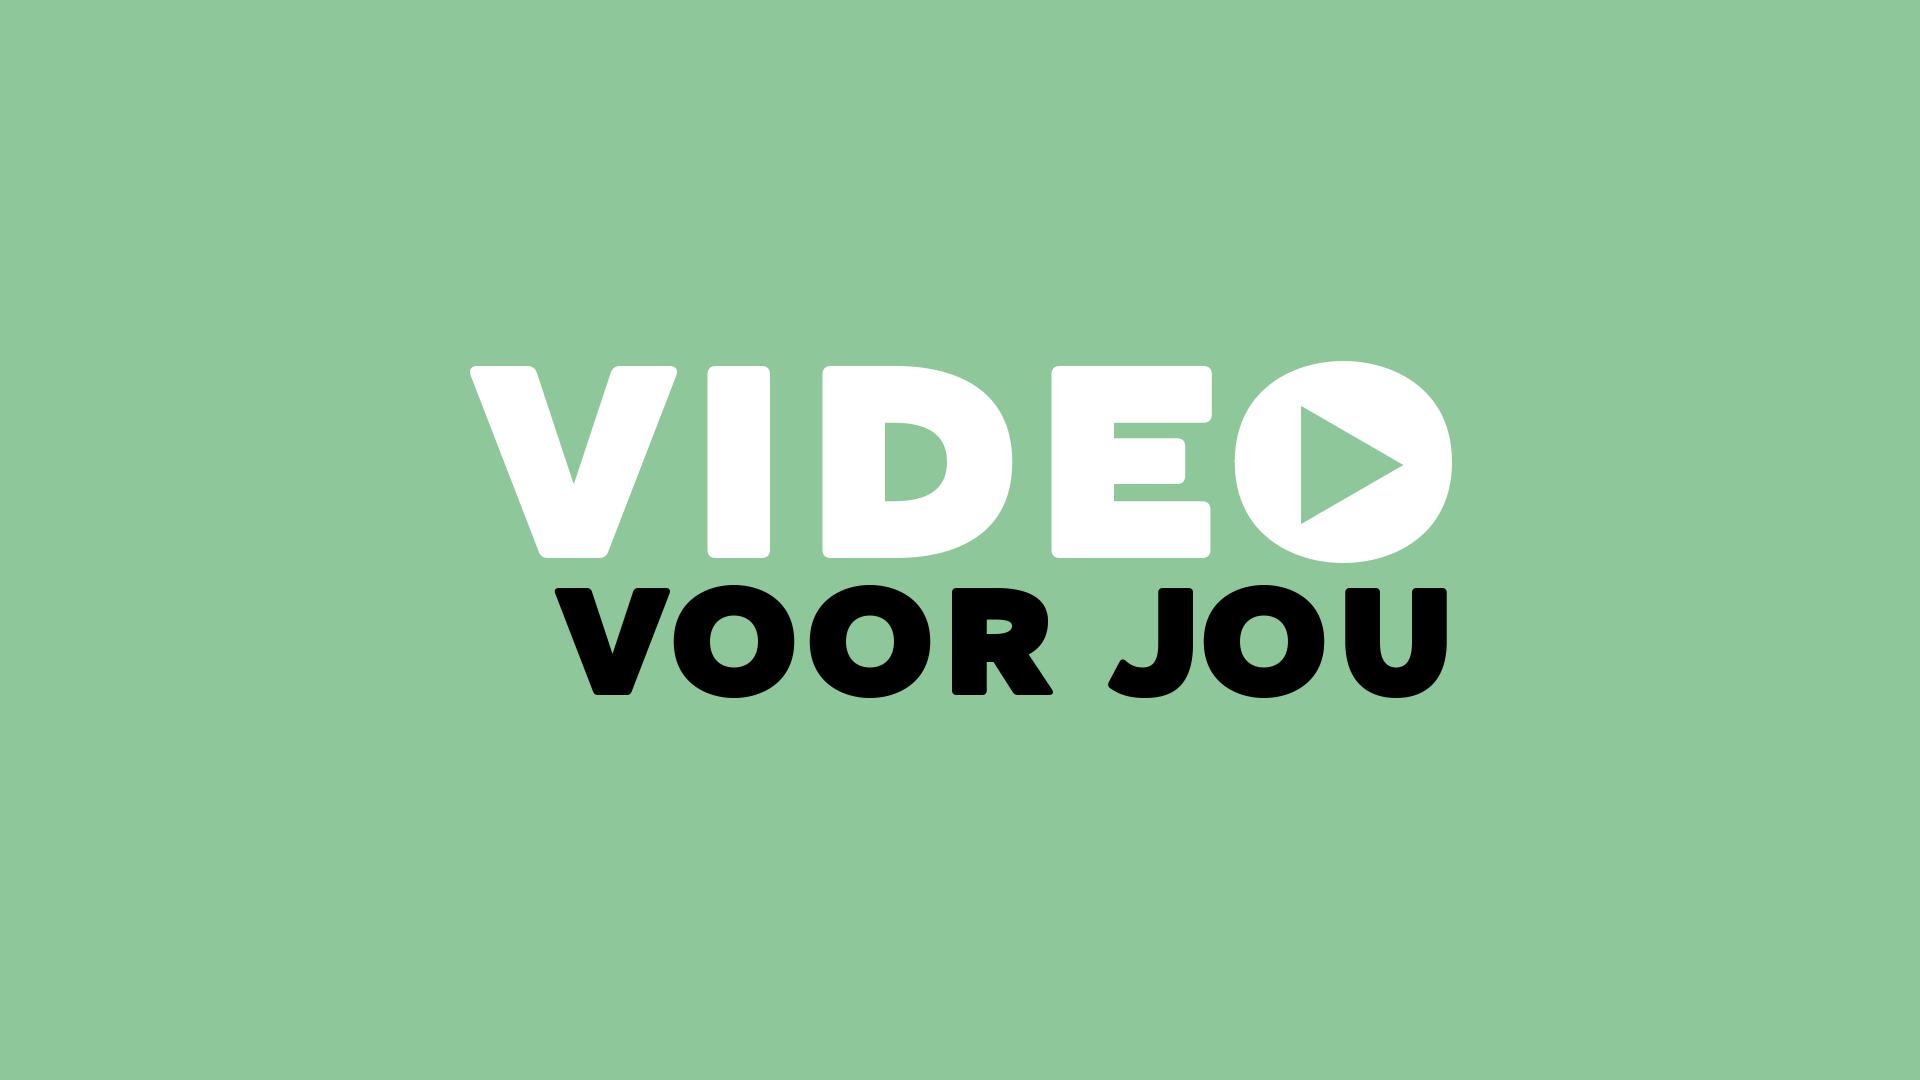 video voor jou logo